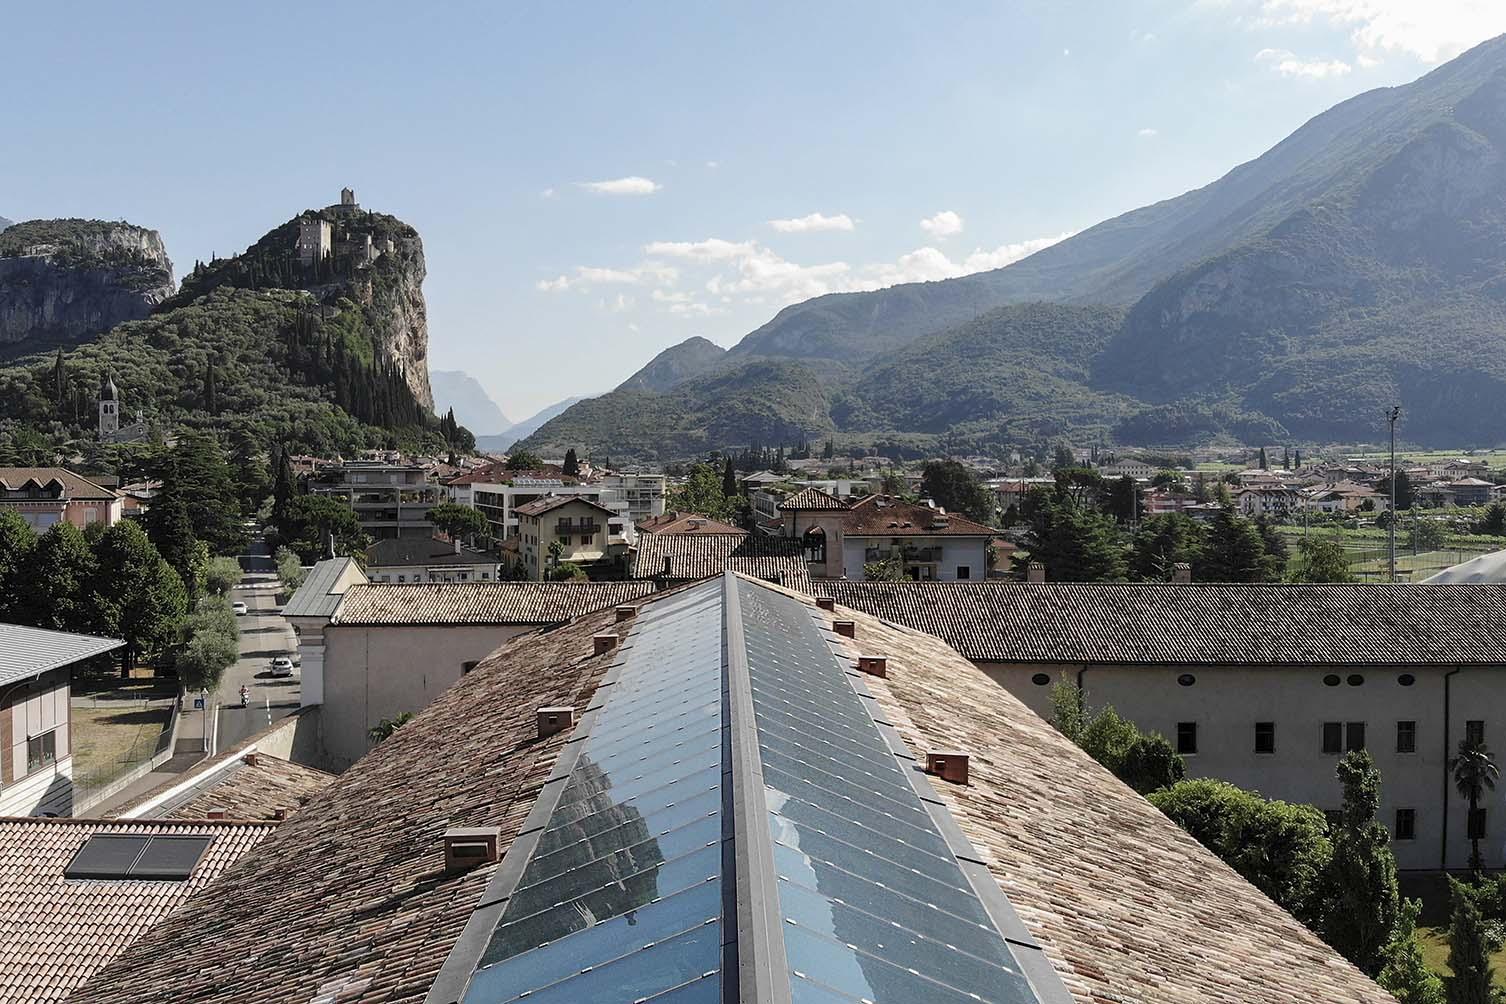 Monastero Arx Vivendi Arco Trentino Italy Designed by noa* Network of Architecture